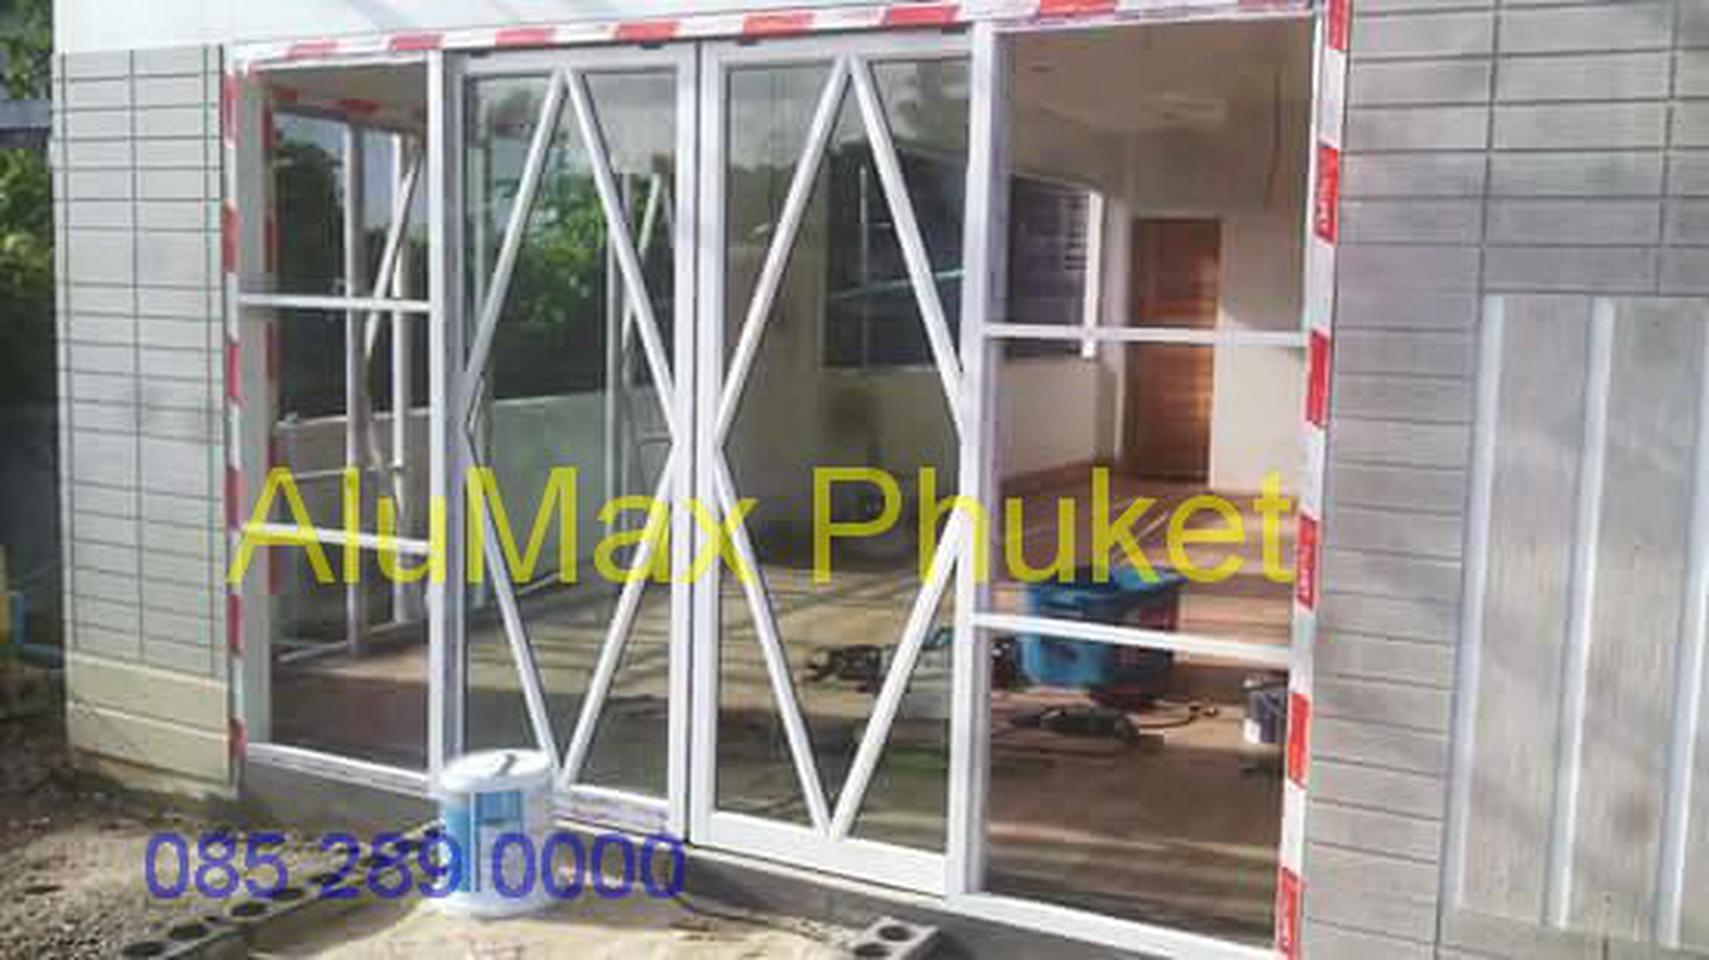 ช่างกระจก ภูเก็ต ช่างติดตั้งกระจกอลูมิเนียม ราคาถูก รูปที่ 1